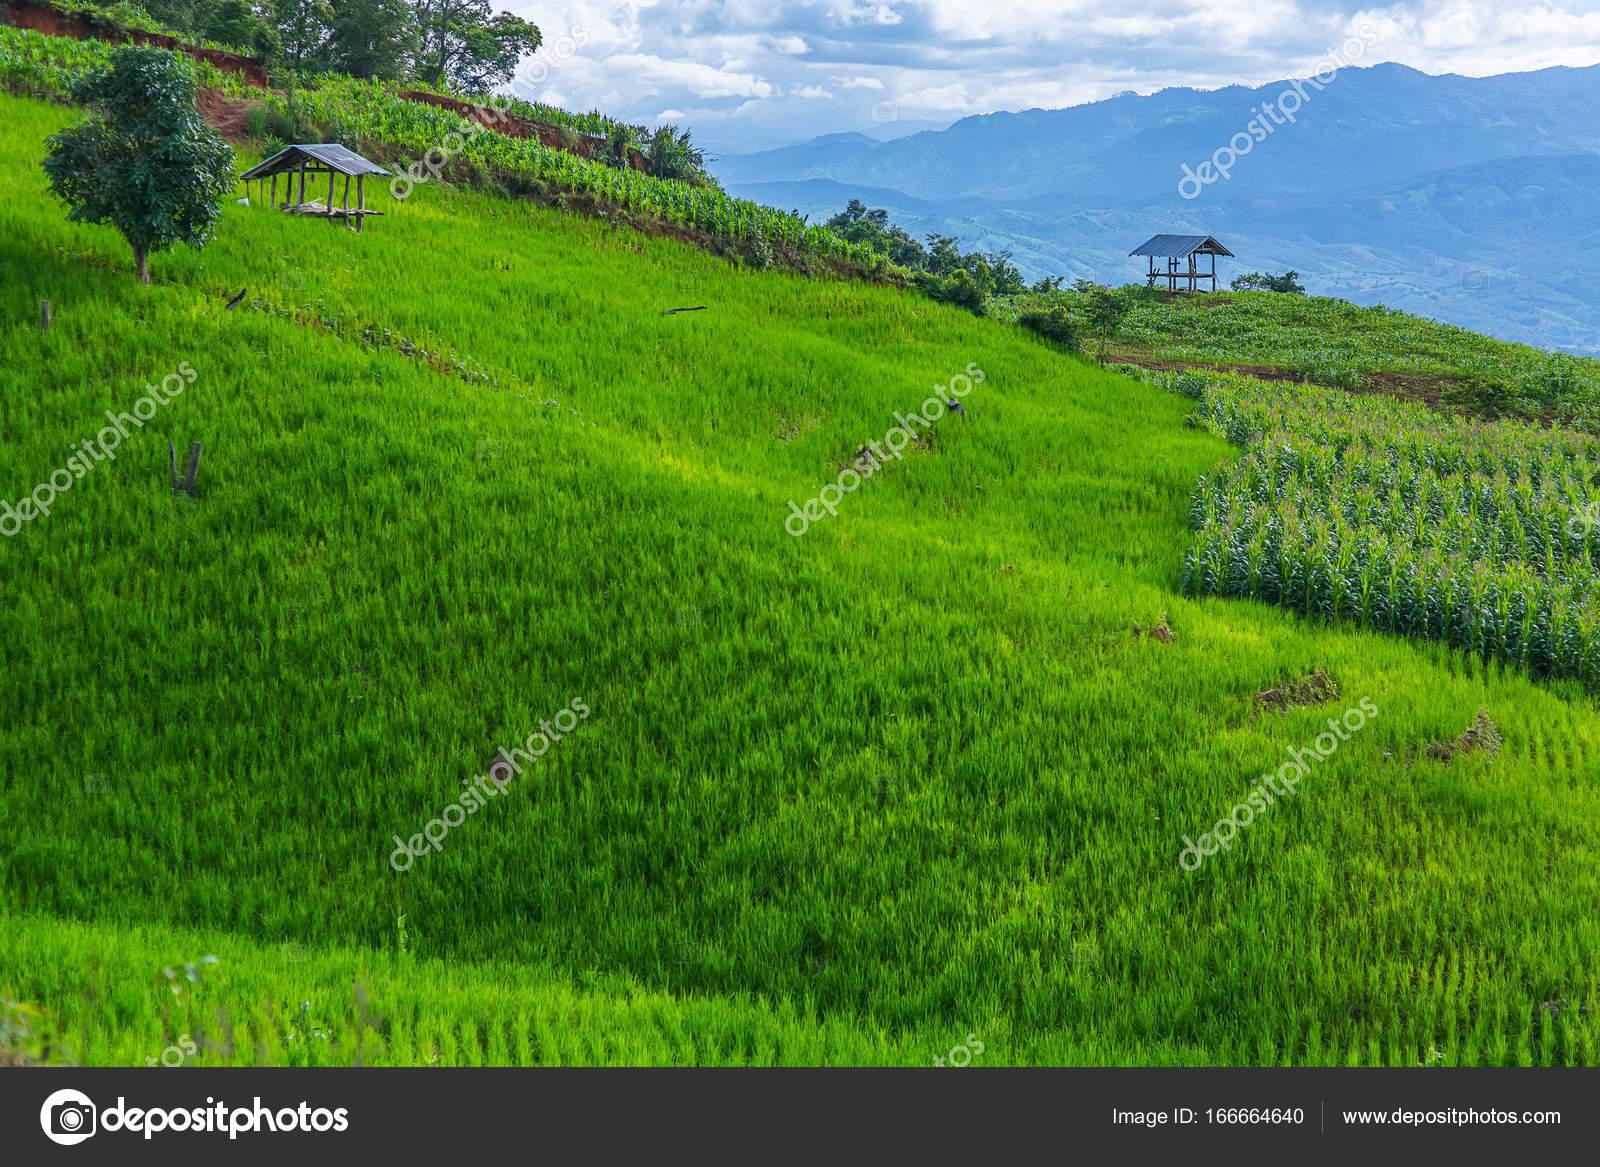 Terrazza di riso in un illuminazione nuvoloso circondato da alberi